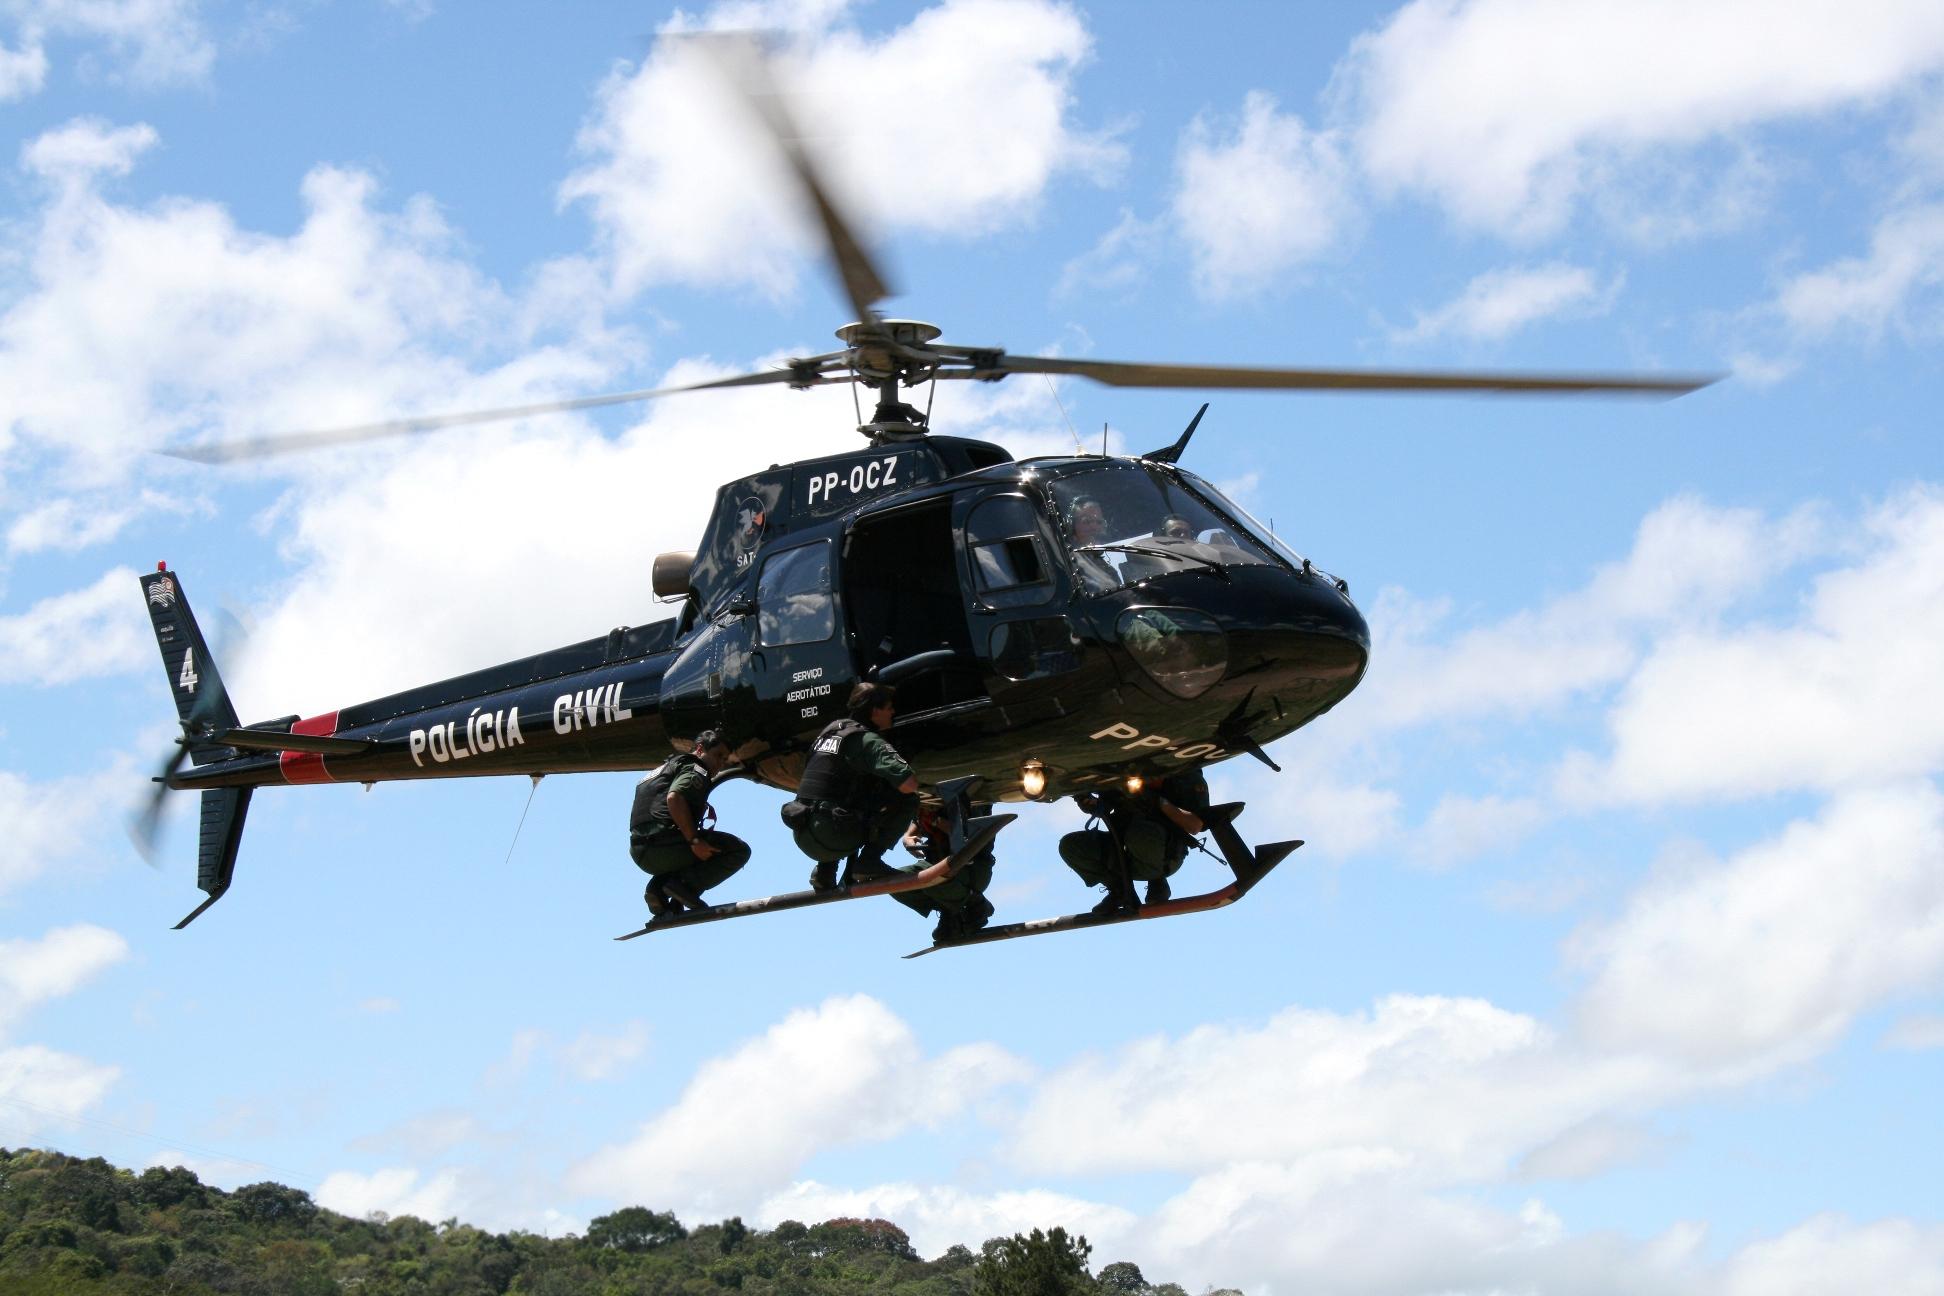 helicoptero pelicano SSP-SP